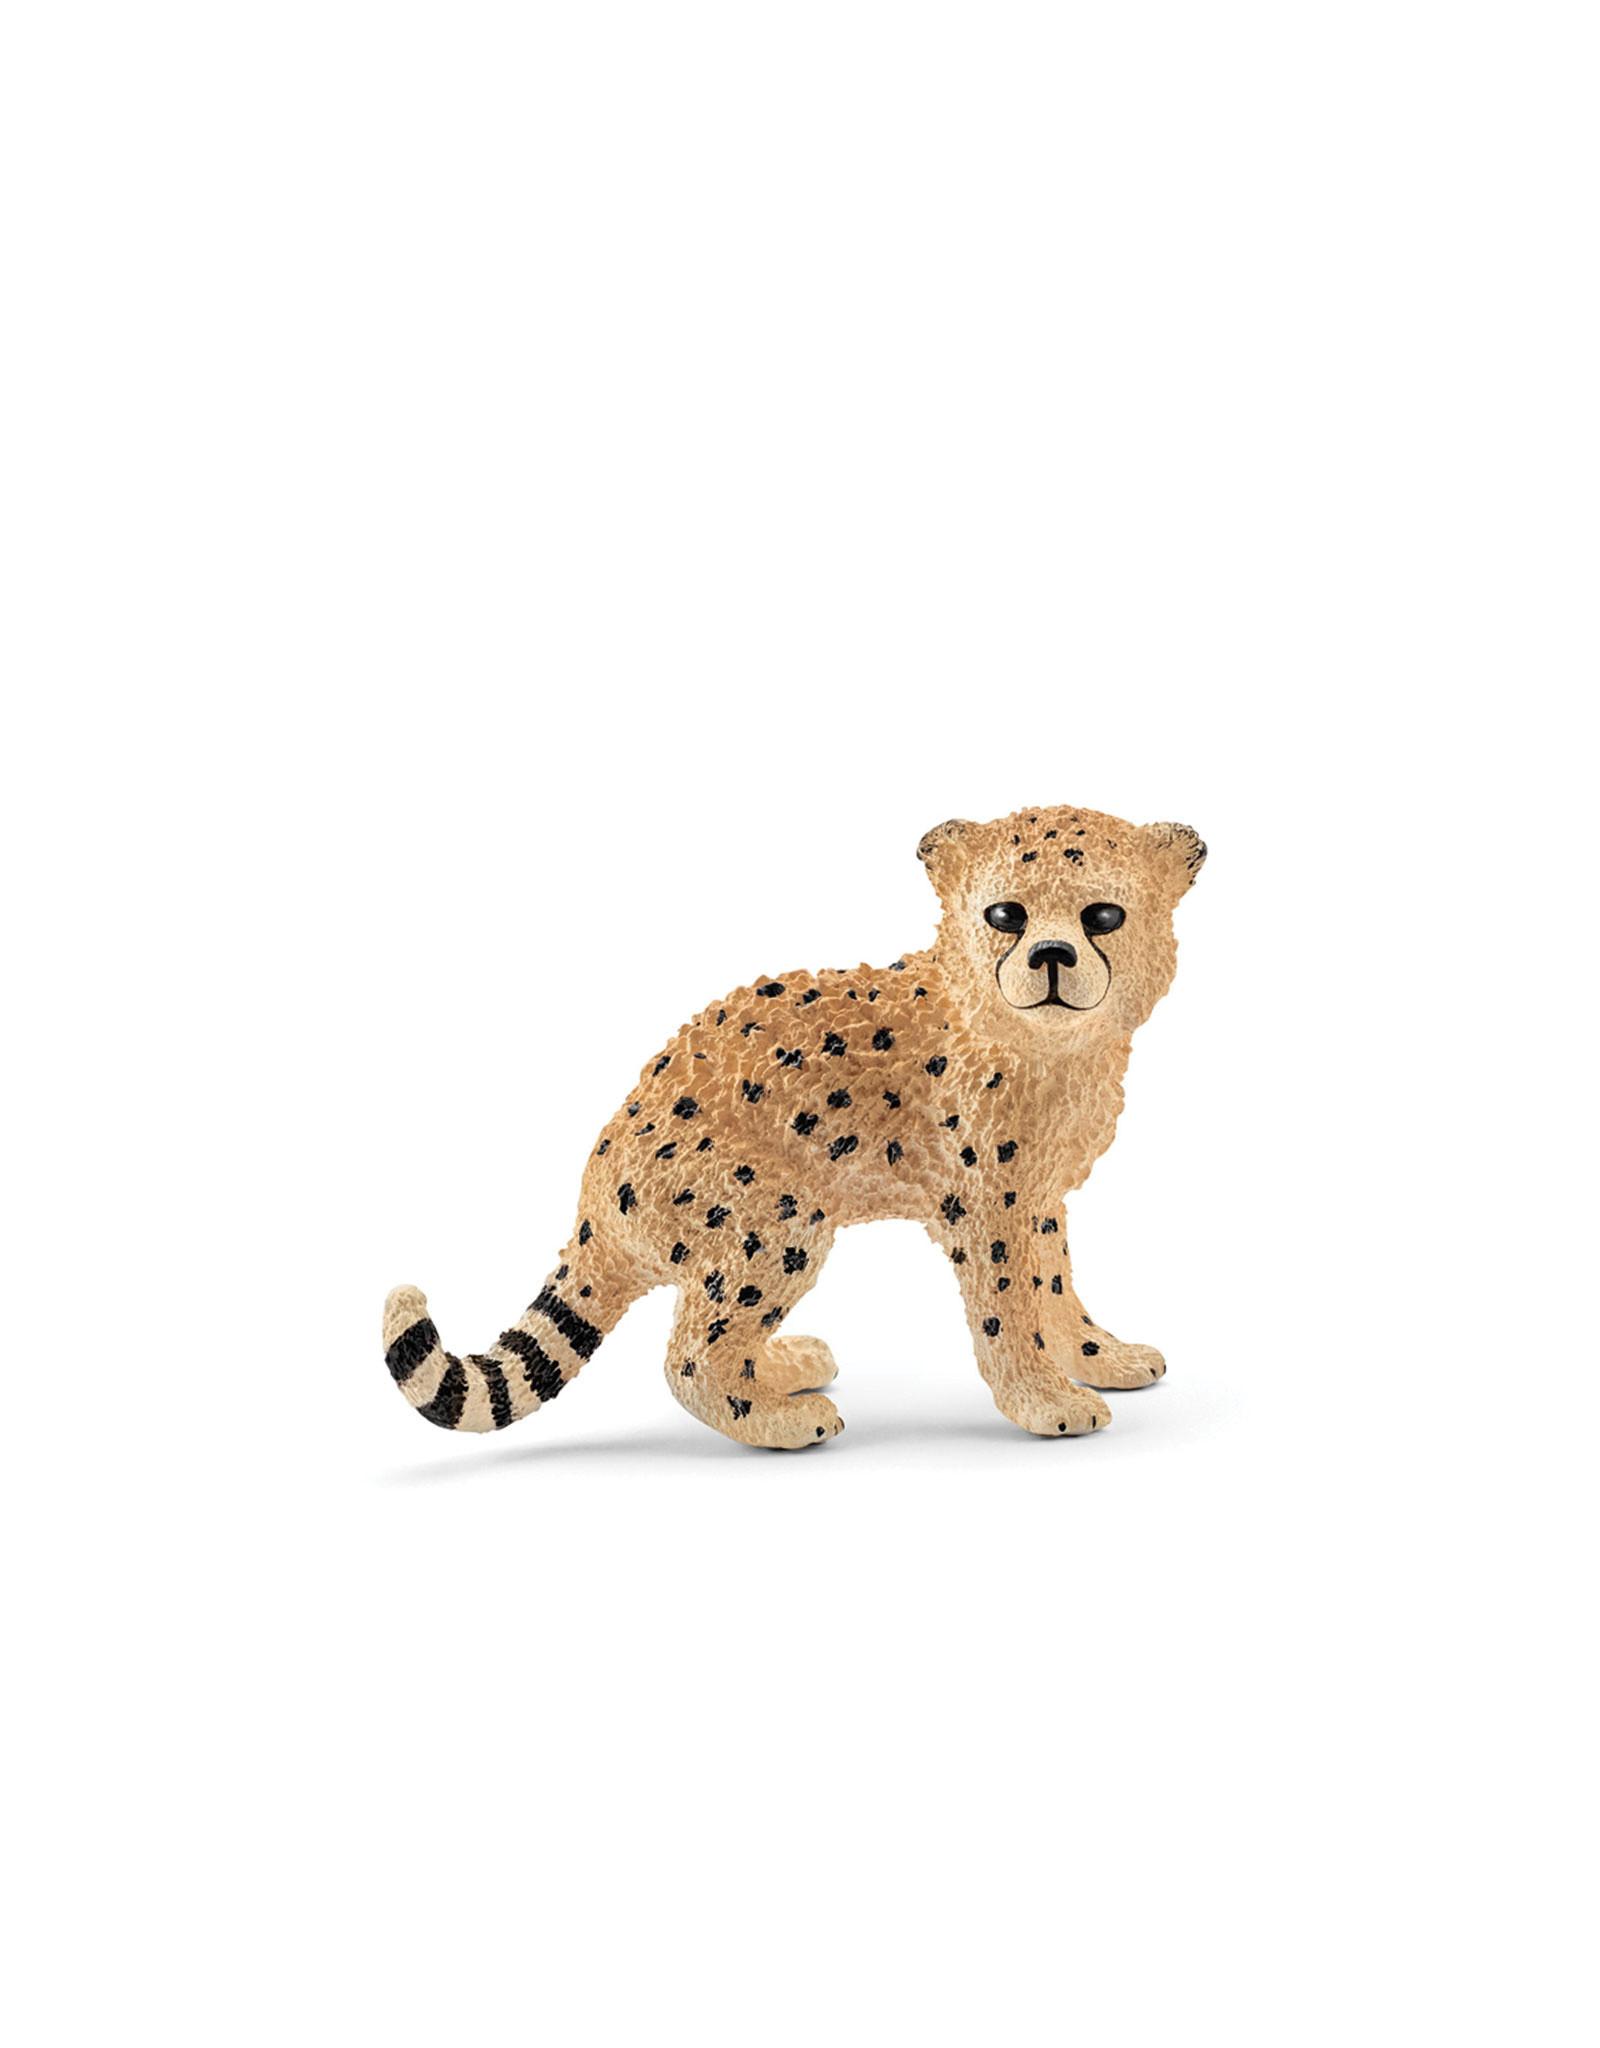 Schleich Animal - Baby Cheetah